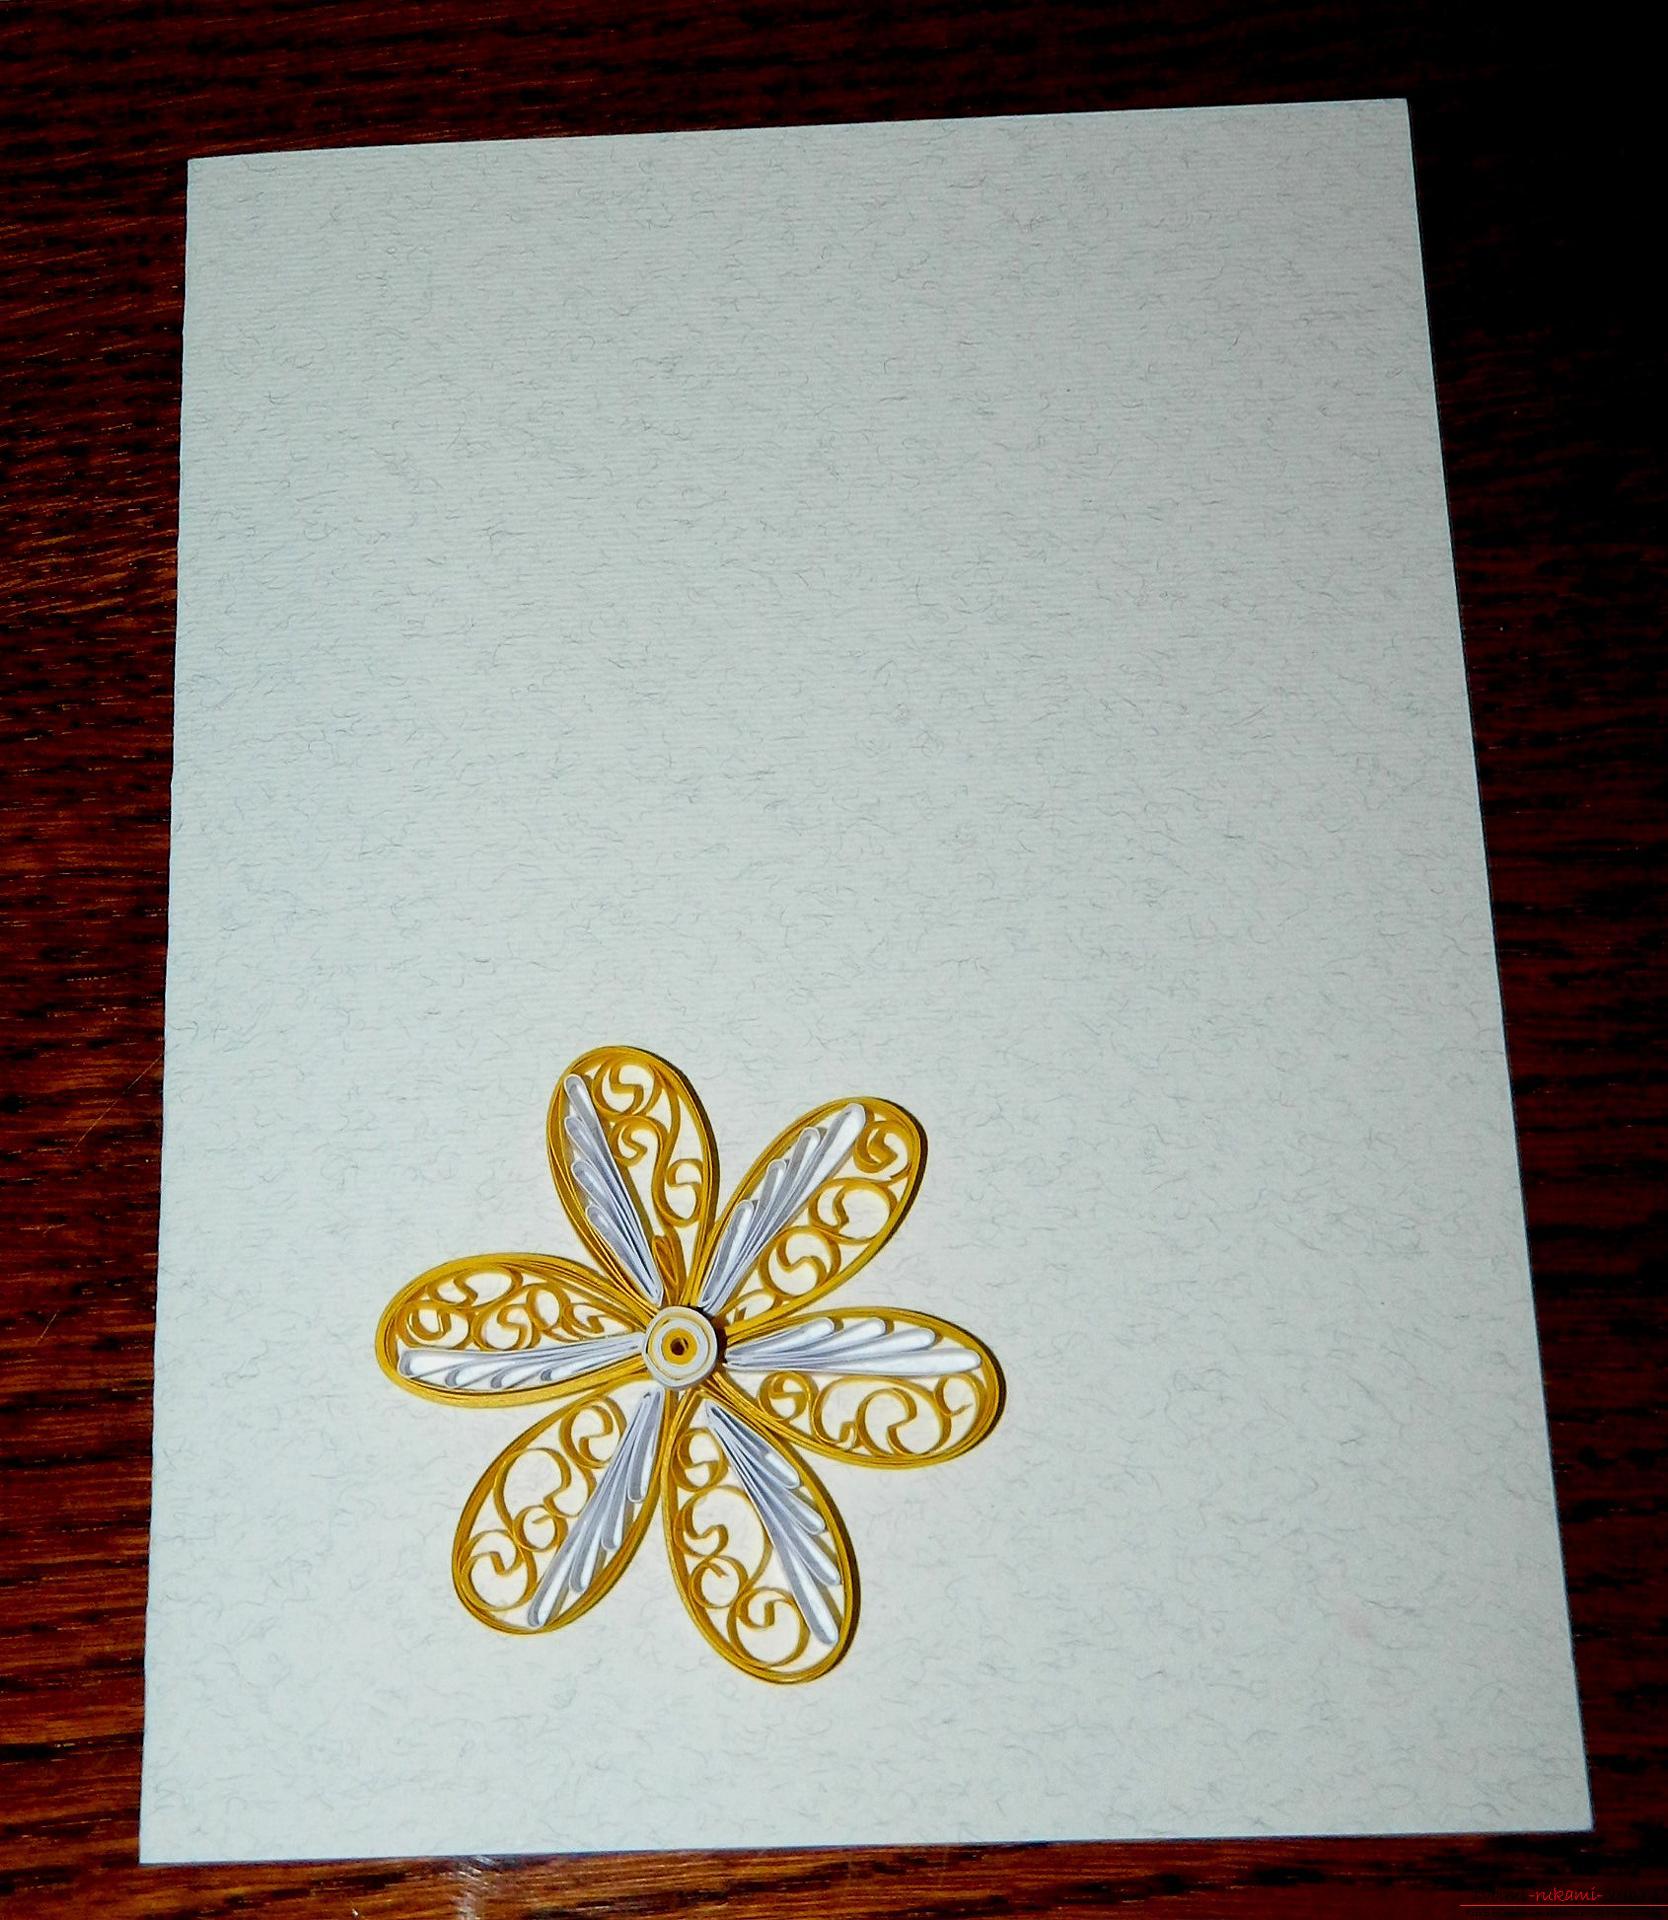 Этот подробный квиллинг мастер-класс расскажет как сделать красивую открытку своими руками.